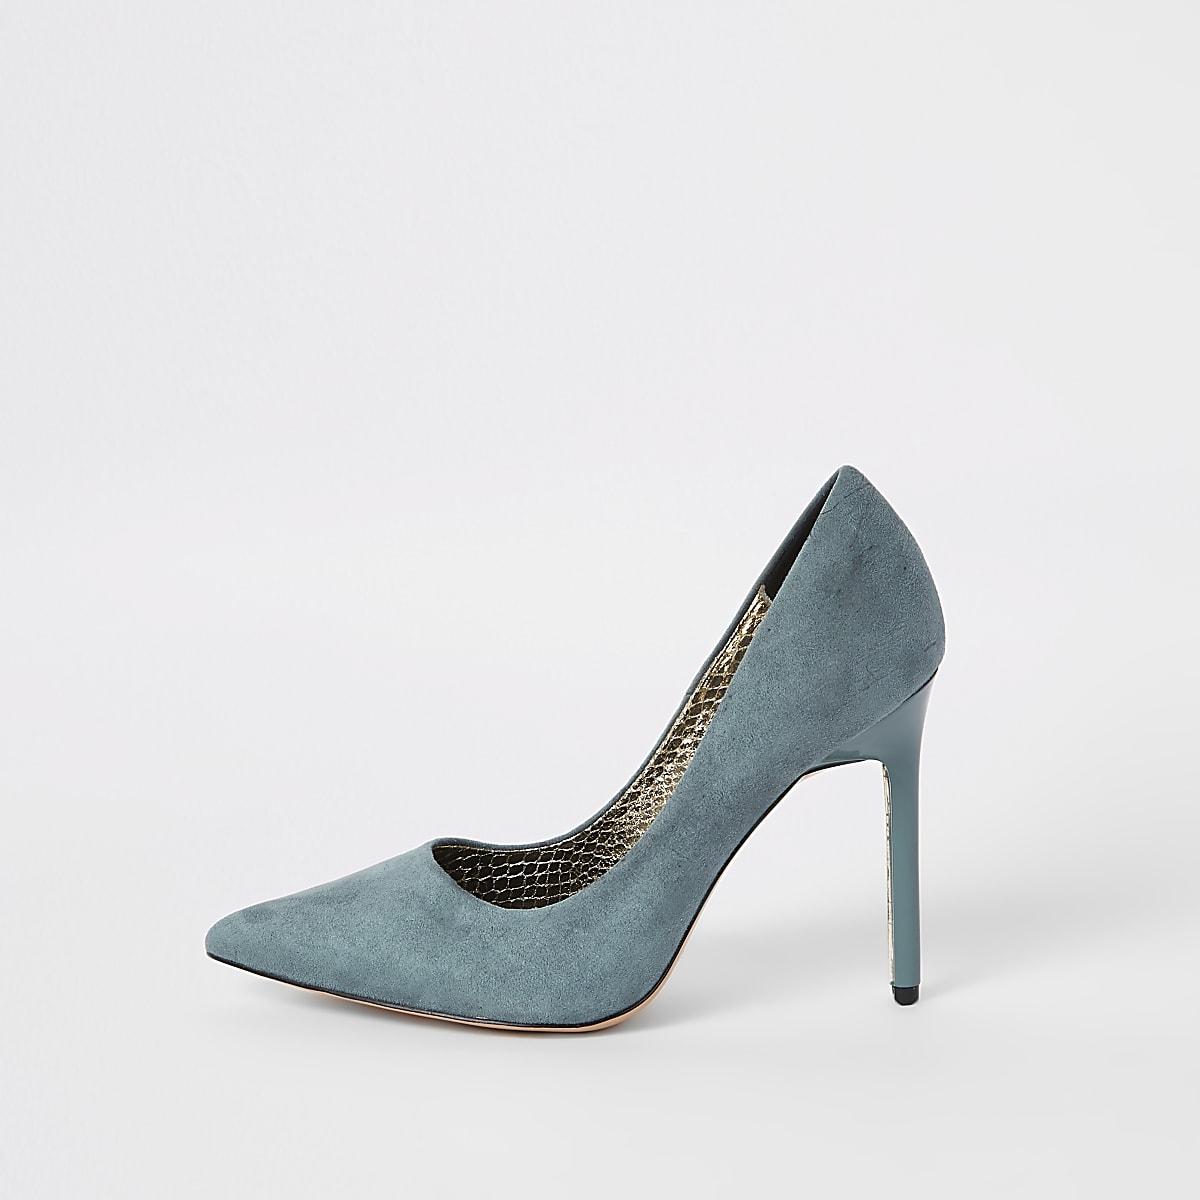 185b58f3b3b4 Blue faux suede wide fit court shoes - Shoes - Shoes   Boots - women